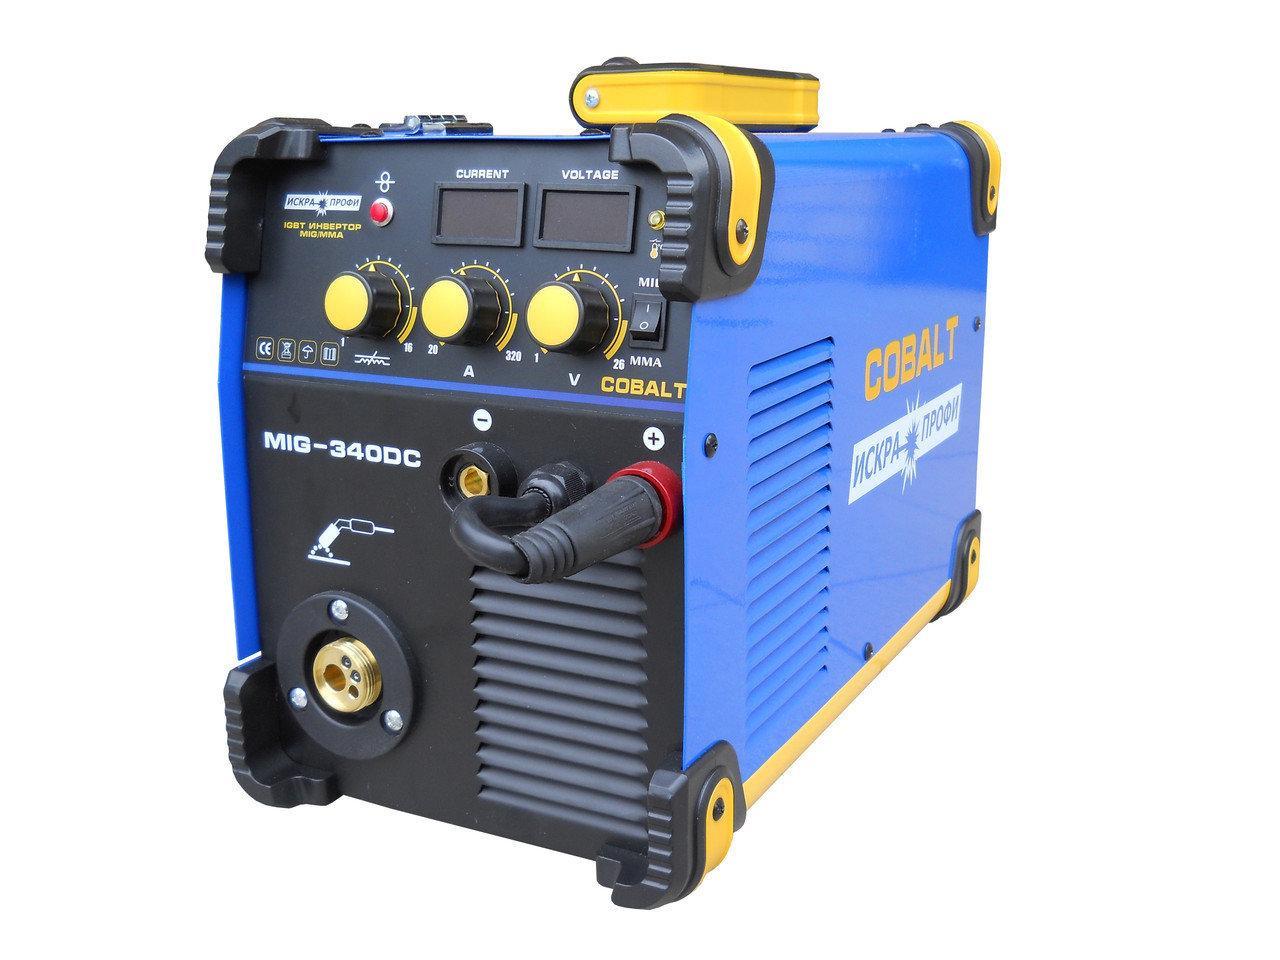 Сварочный полуавтомат 6800 Вт / 320 А Искра MIG-340DC